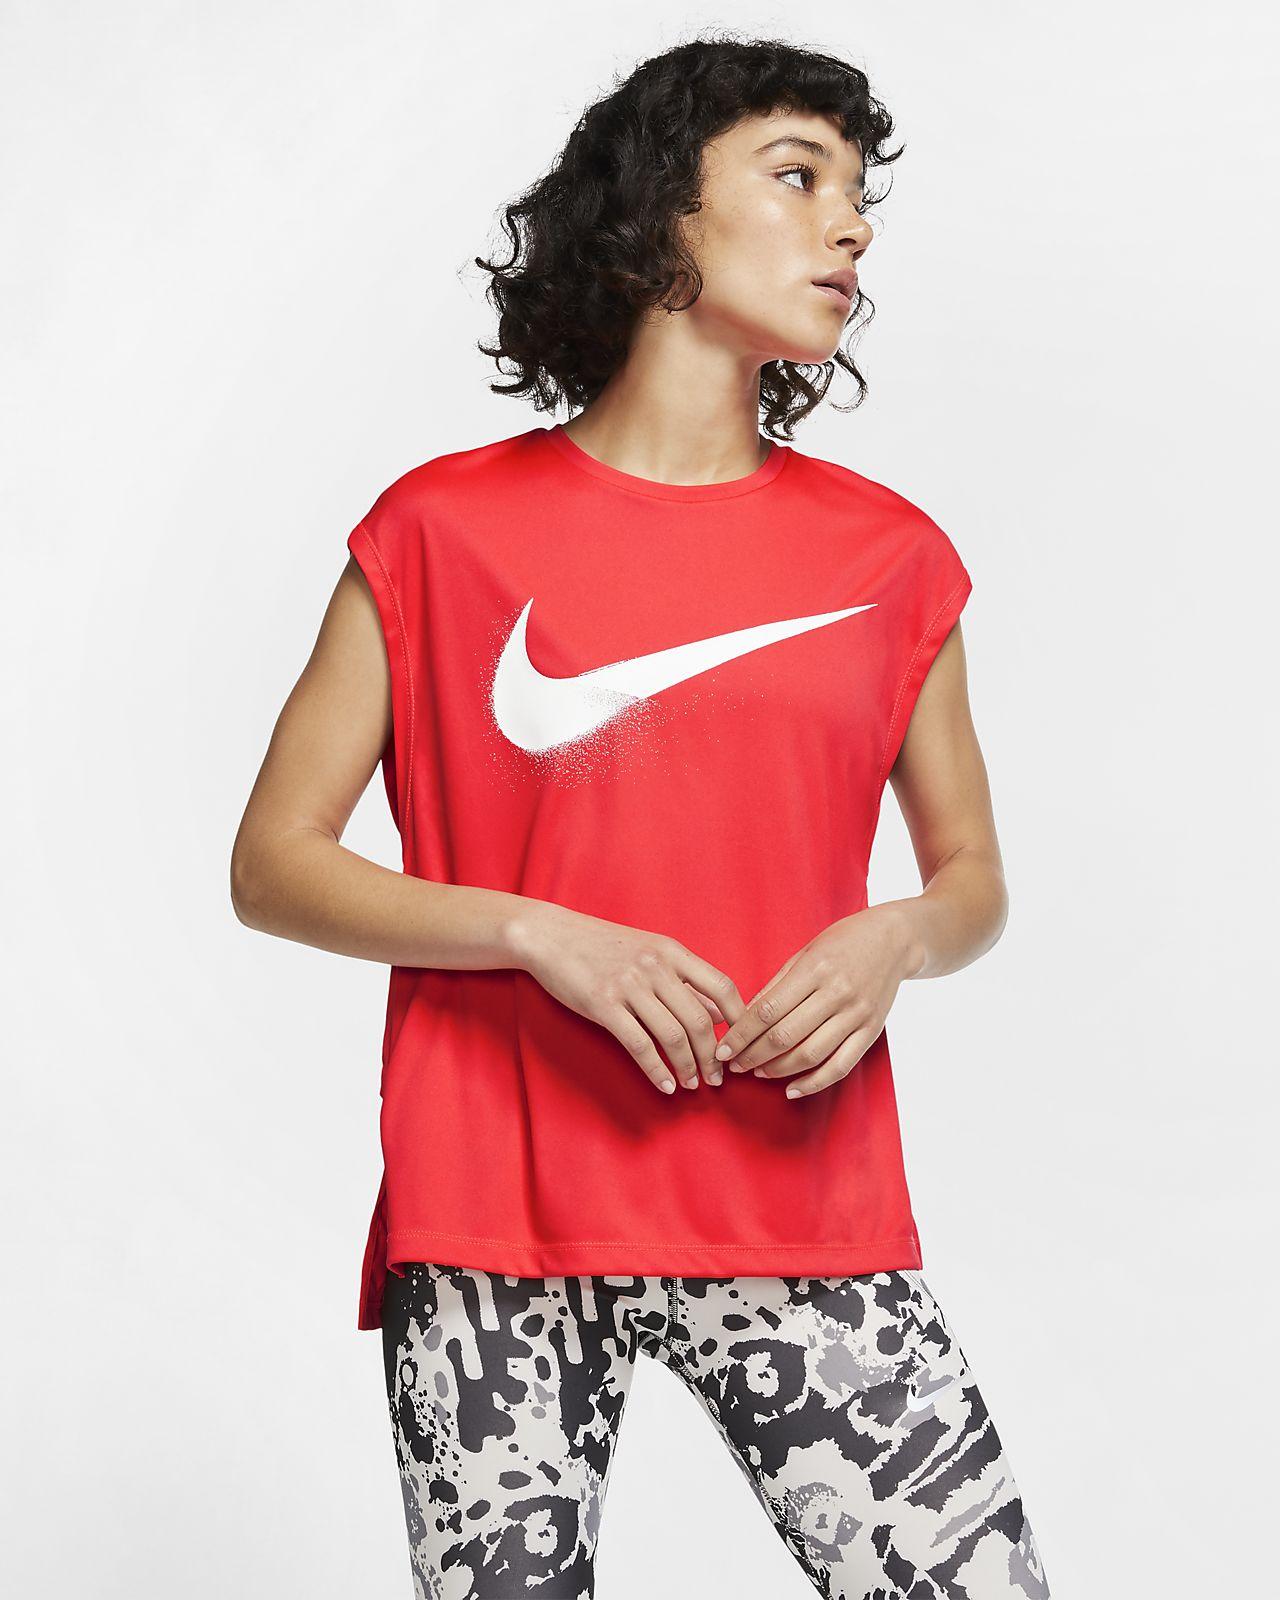 Nike Dri-FIT Hardlooptop met graphic voor dames